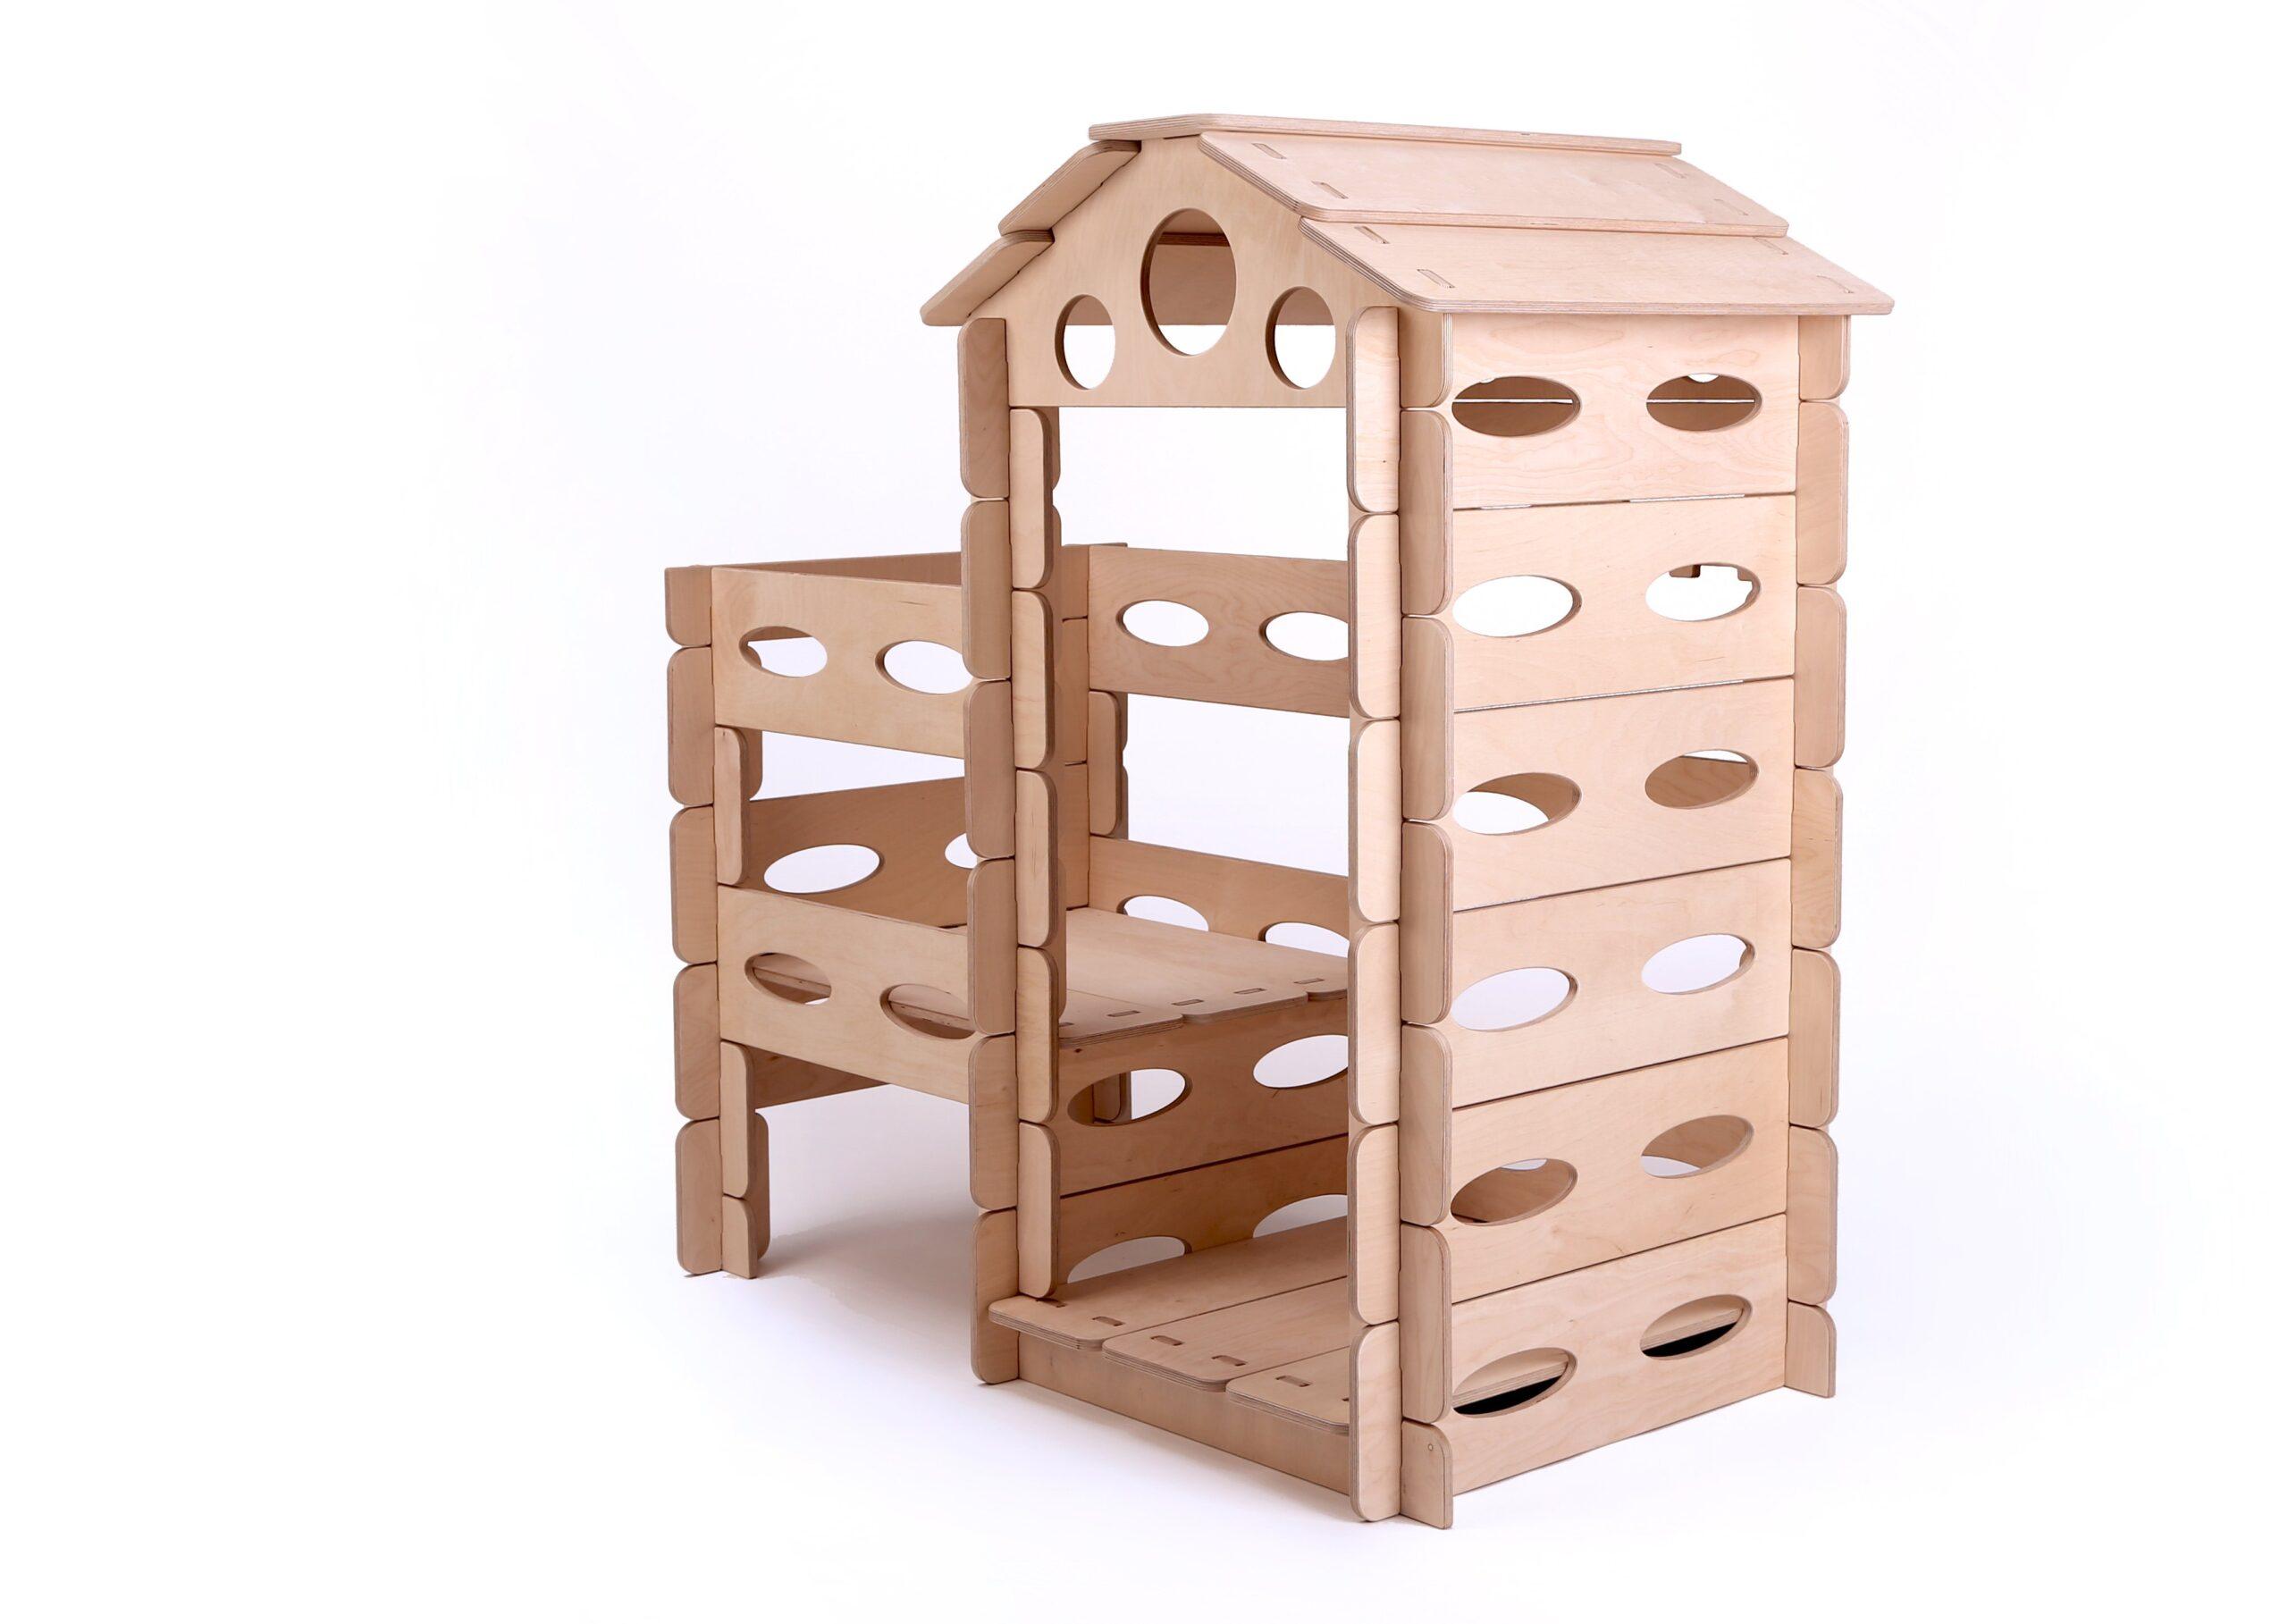 Full Size of Kinderspielhaus Holz Spielhaus Montessori Kletterturm Steckhaus Betten Aus Massivholz Holzhäuser Garten Küche Weiß Holzhaus Kind Modulküche Loungemöbel Wohnzimmer Kinderspielhaus Holz